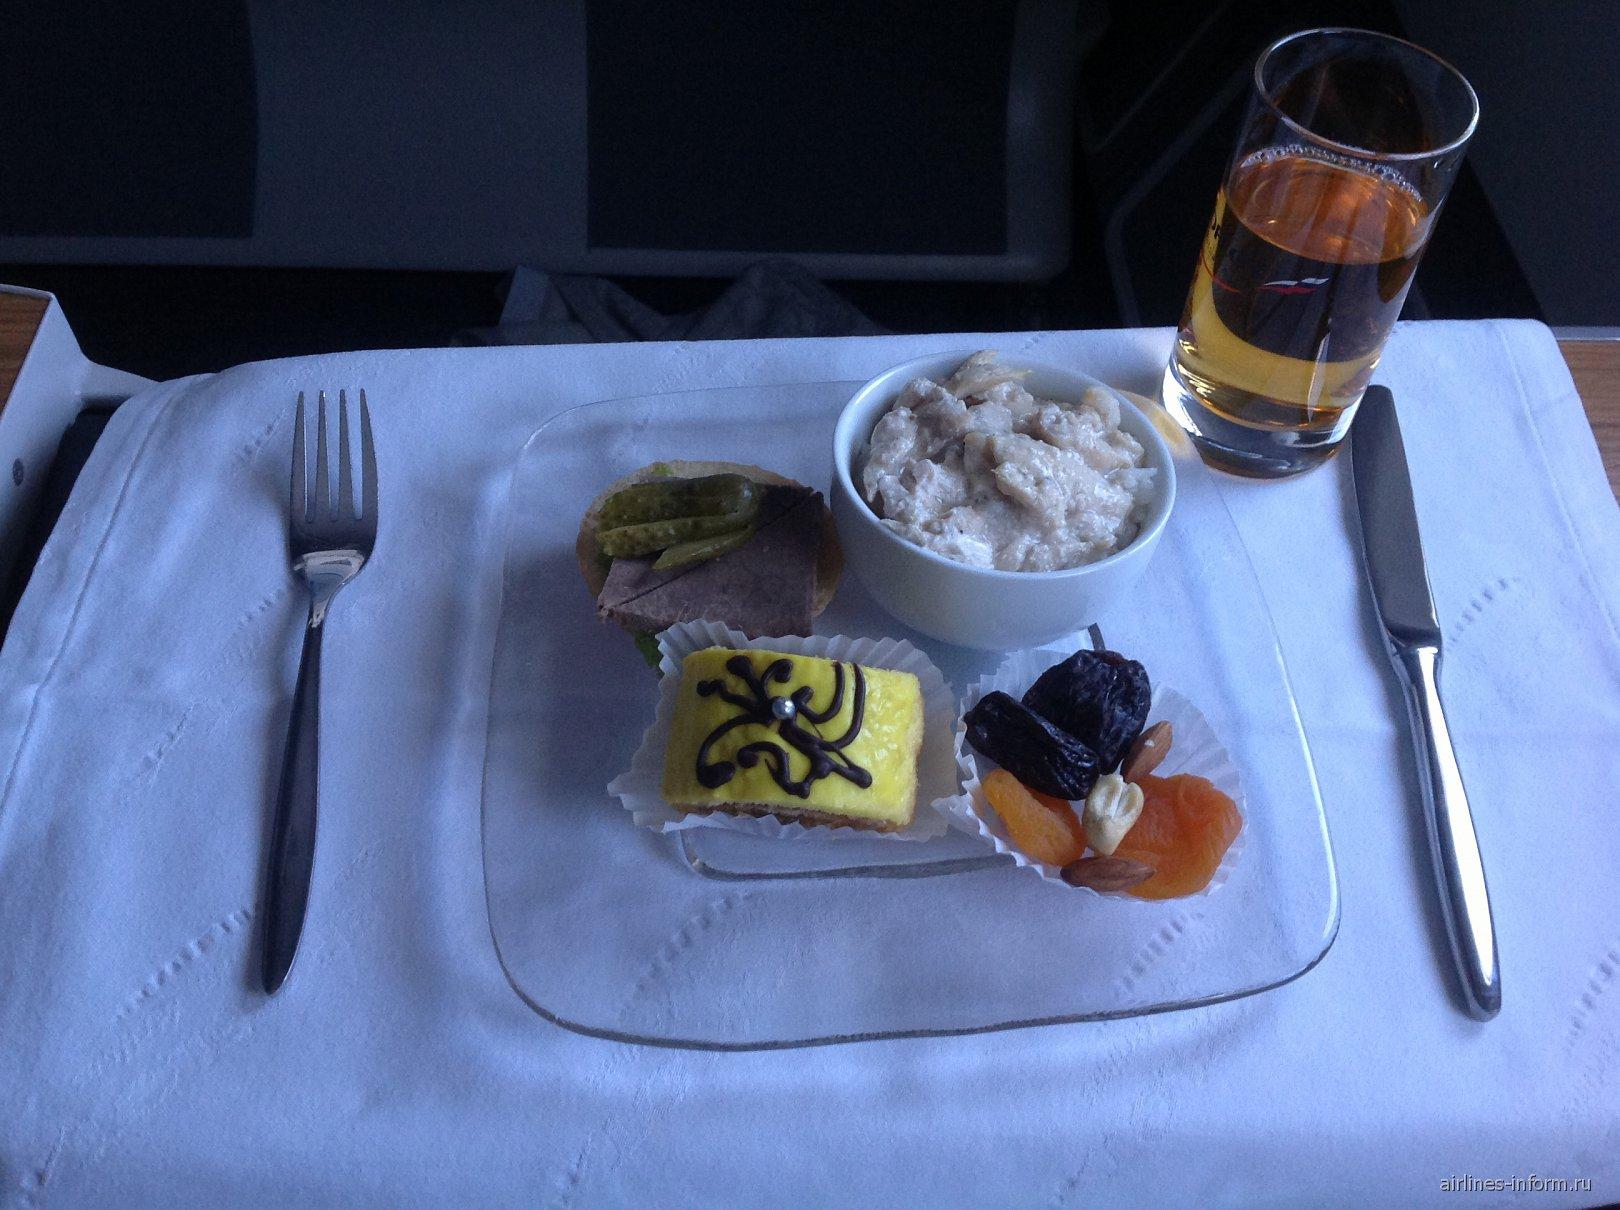 Второе питание бизнес-класса на рейсе Аэрофлота Хабаровск-Москва